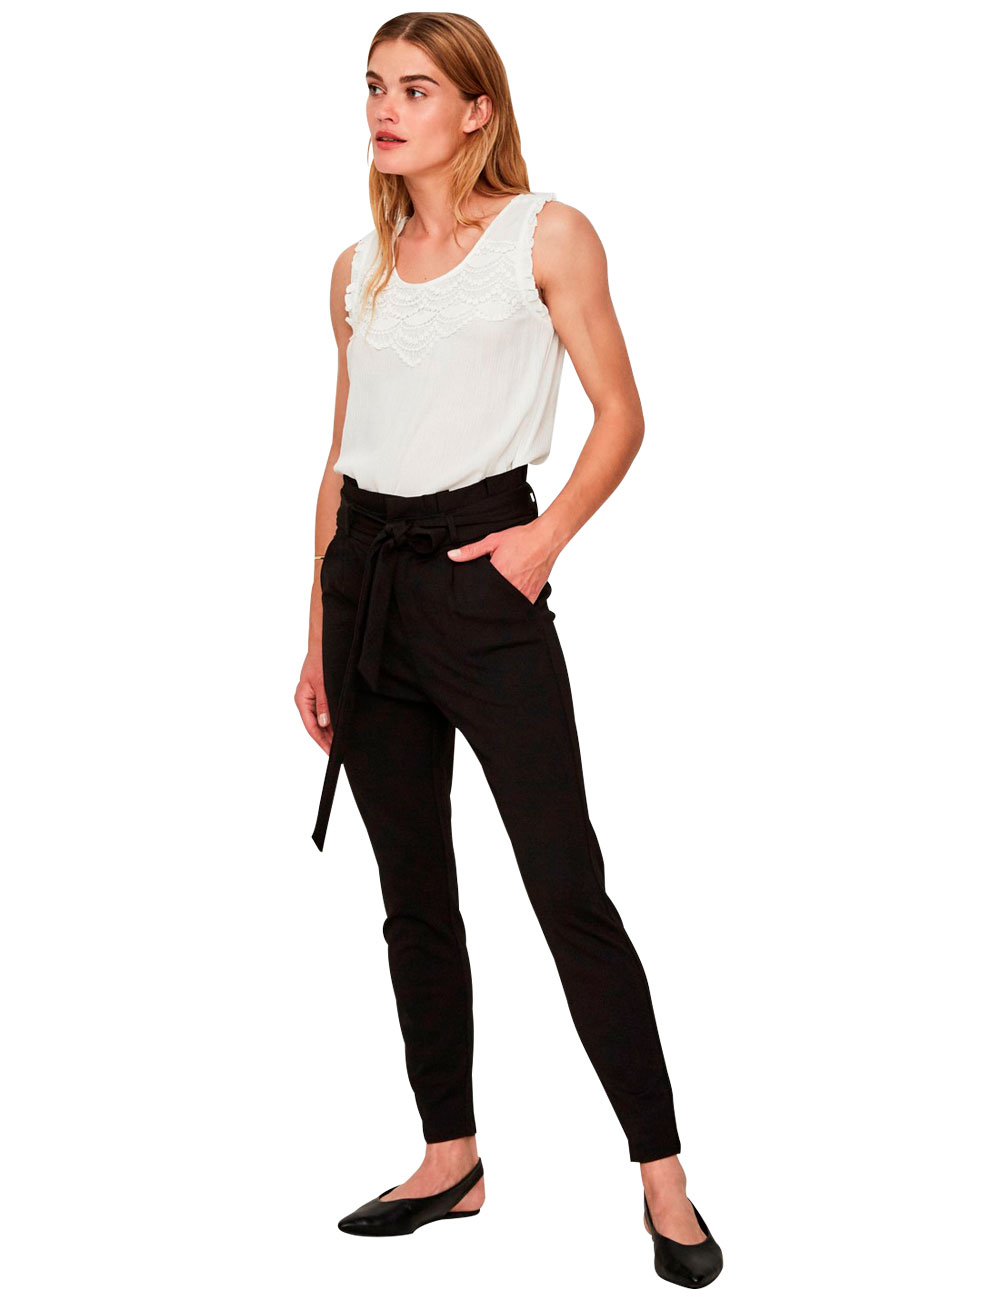 18400233ac1b Pantalon Vero Moda avec ceinture à nouer, noir, L 32